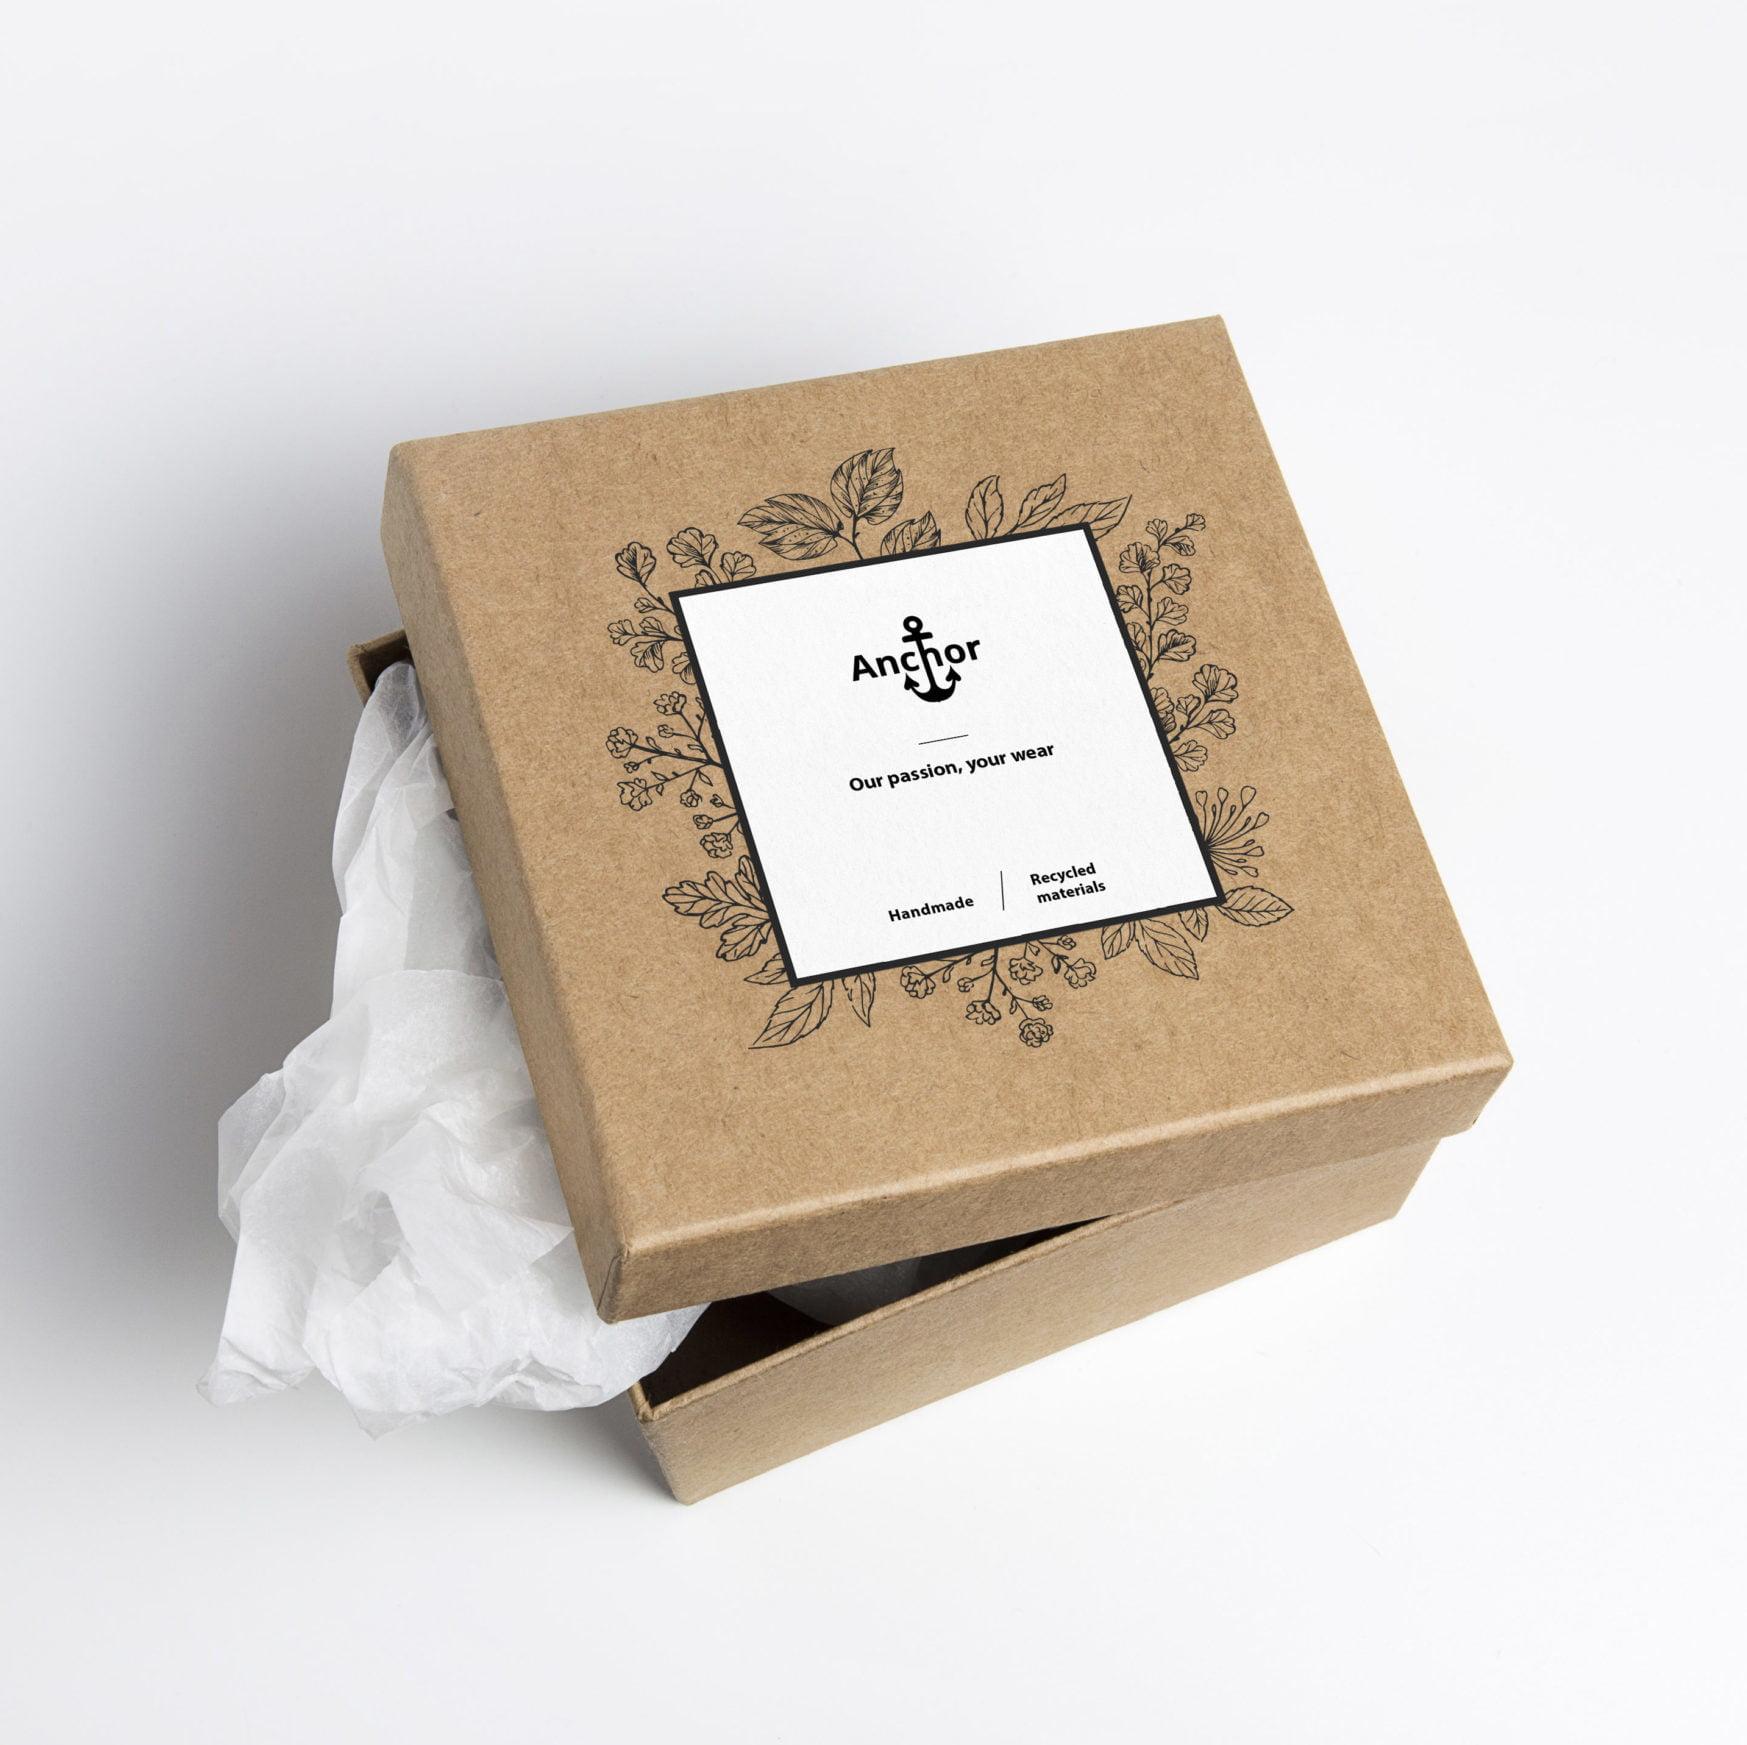 Anchor-Kartondose-Verpackung